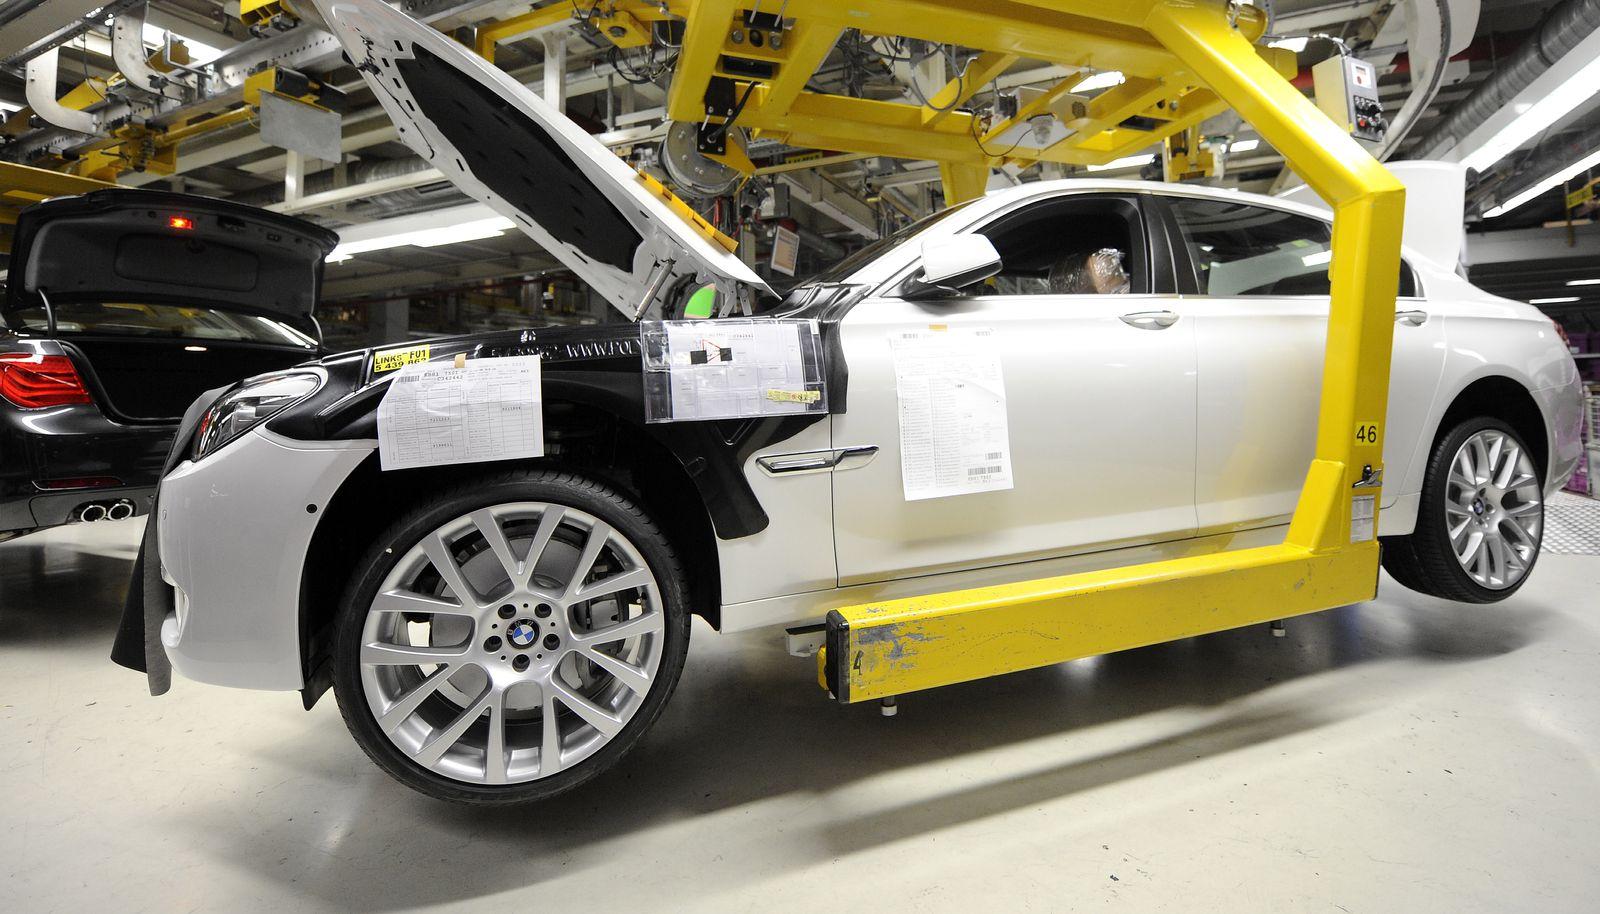 NICHT VERWENDEN BMW unterbricht Produktion wegen Lieferengpaessen durch Flugverbot